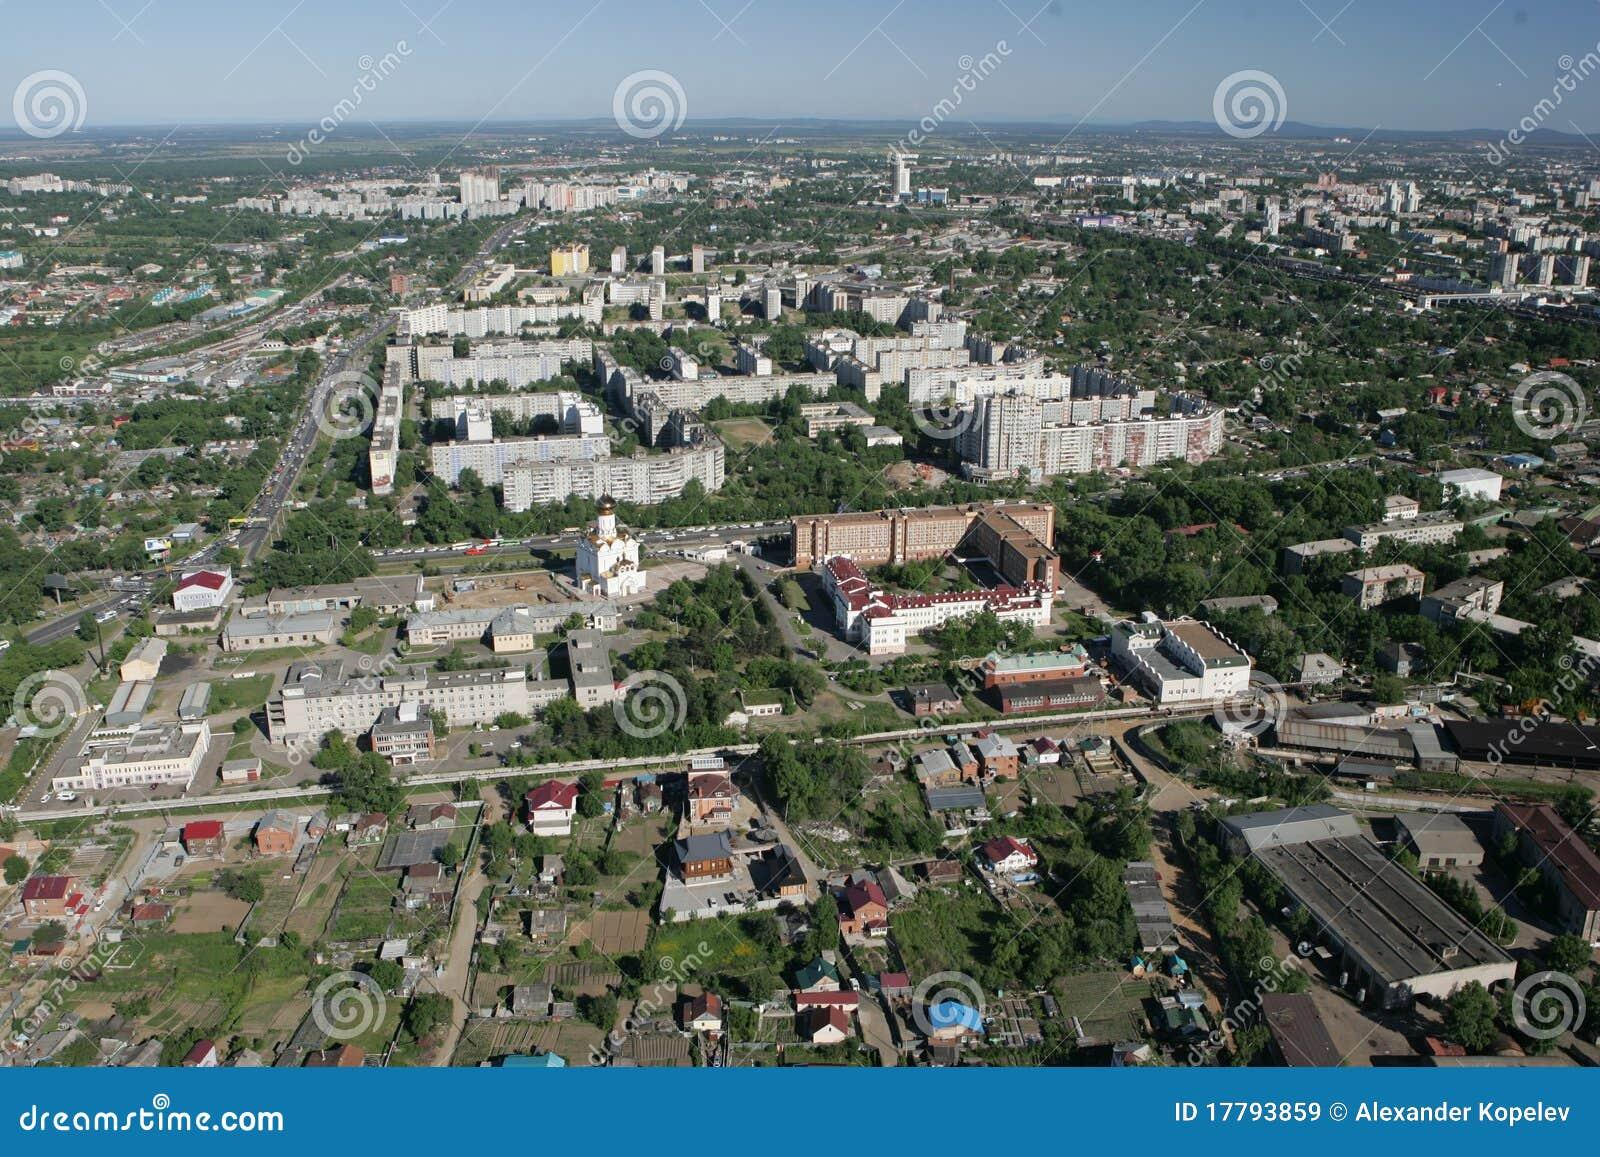 De stad van Khabarovsk een soort van helicopte.